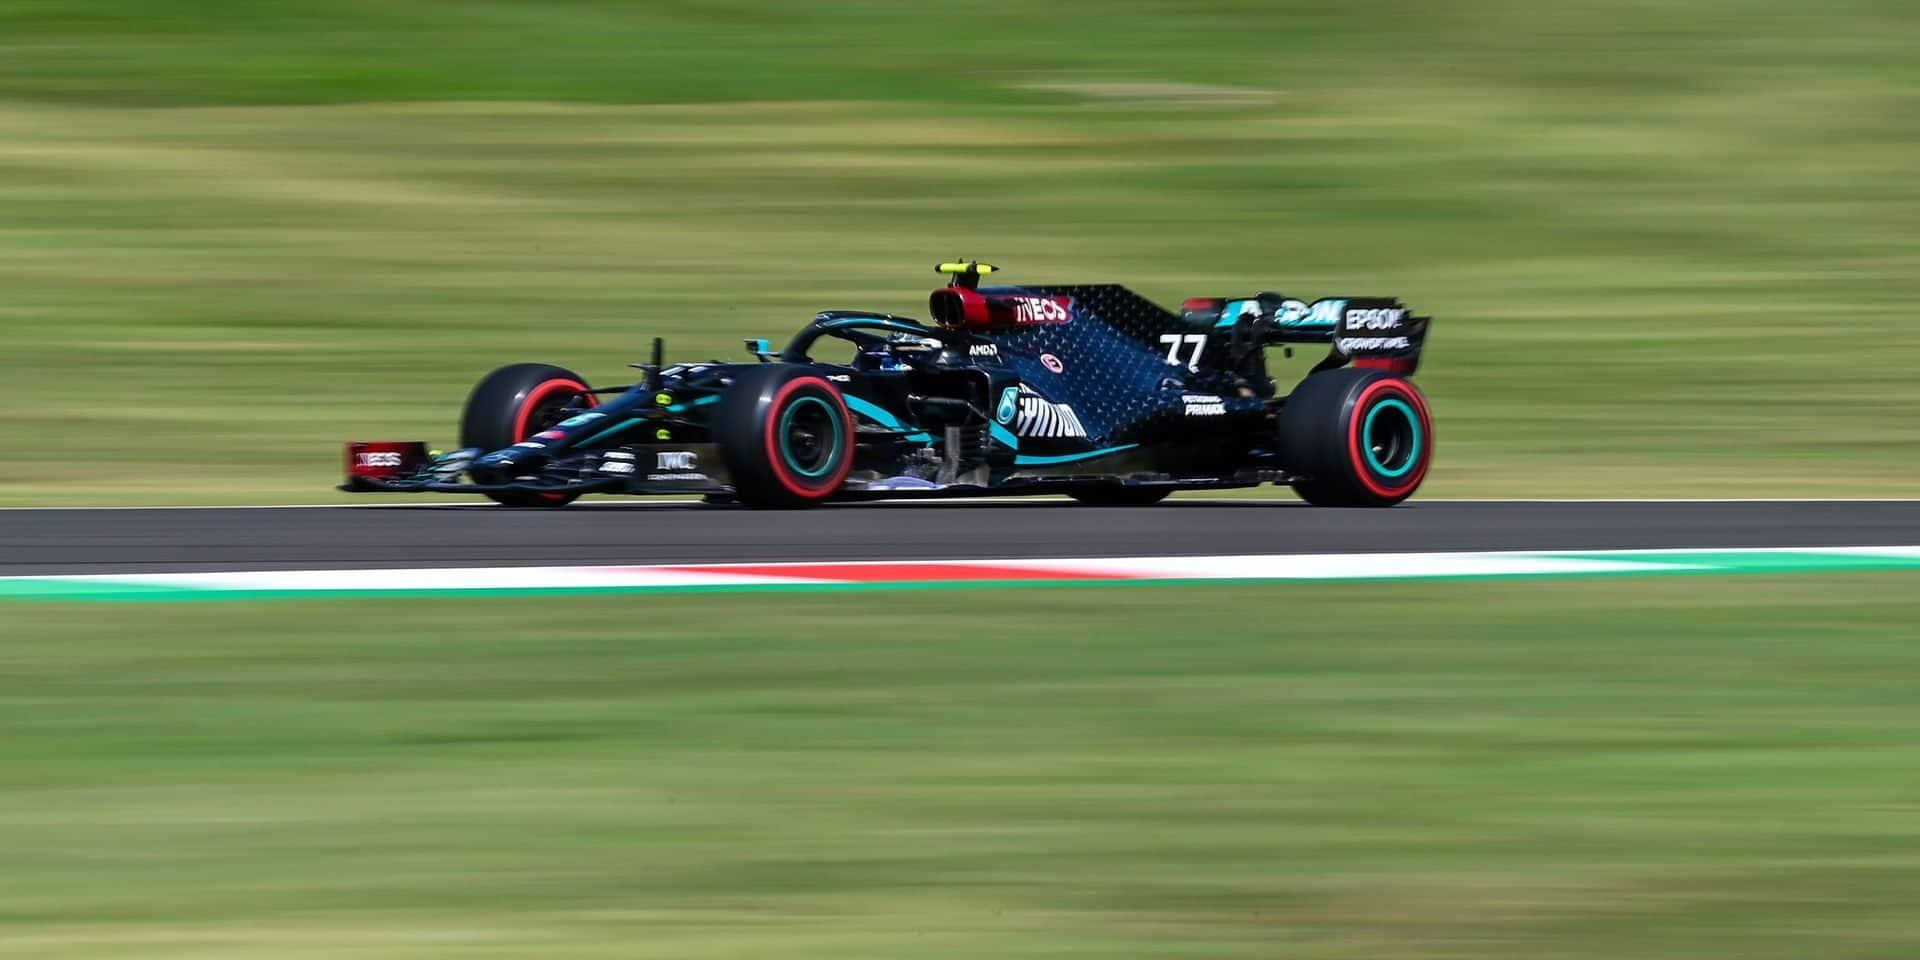 GP de Toscane: Bottas établit un nouveau record de la piste, Leclerc (Ferrari) 3ème!